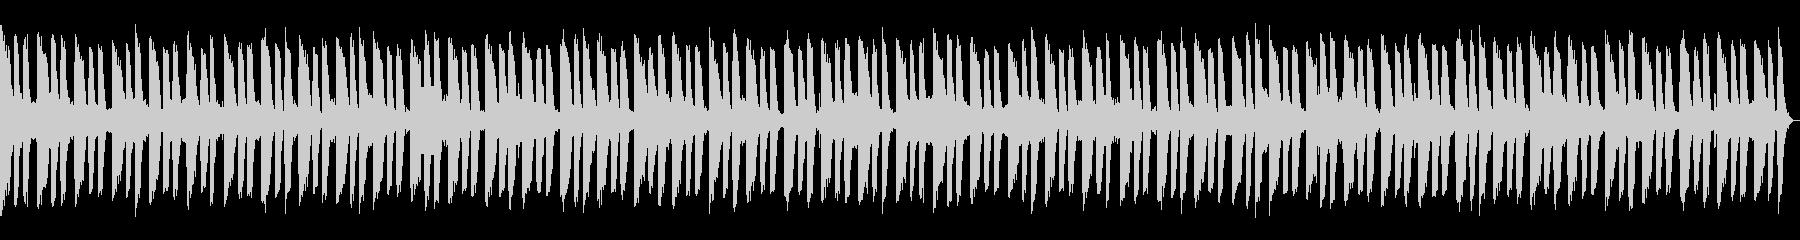 怪しいムードのギターリフのBGMの未再生の波形